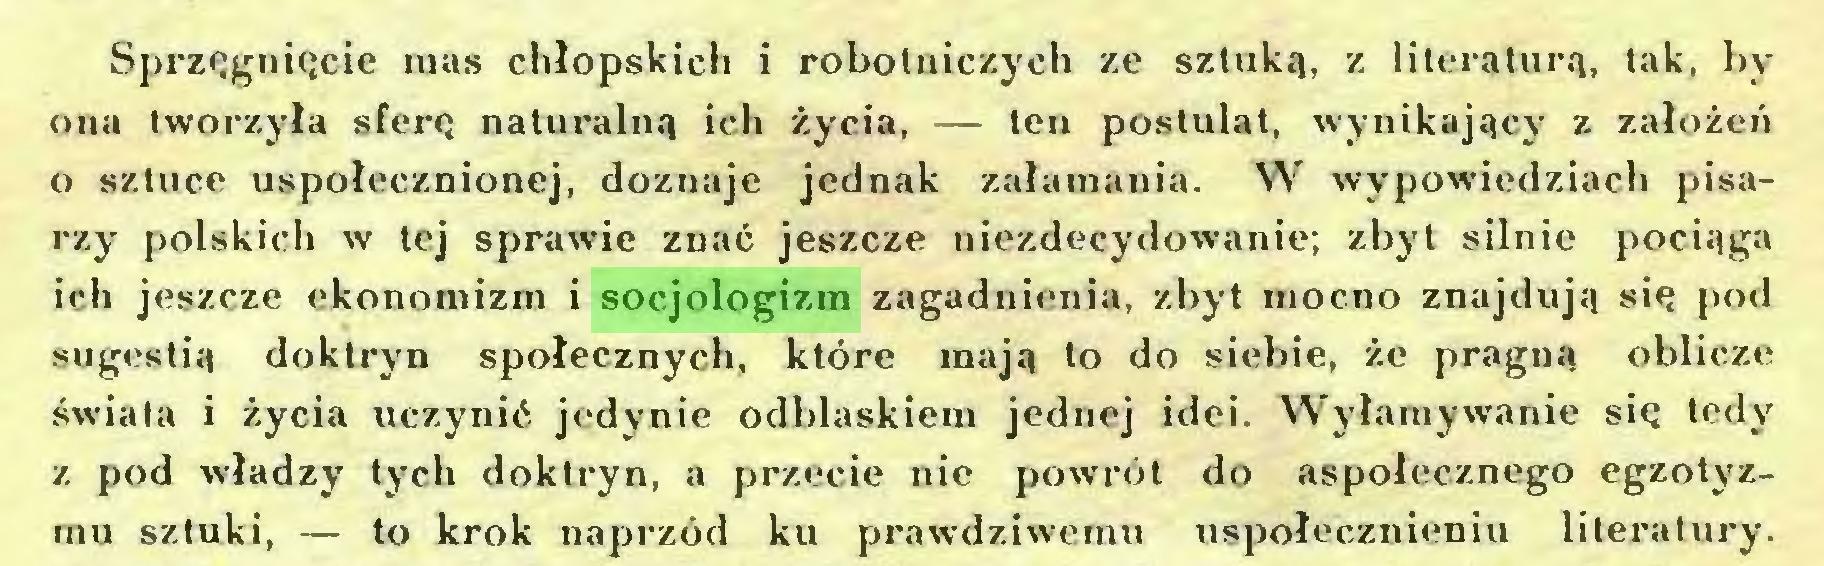 (...) Sprzęguięcie mas chłopskich i robotniczych ze sztuką, z literaturą, tak, by ona tworzyła sferę naturalną ich życia, — ten postulat, wynikający z założeń o sztuce uspołecznionej, doznaje jednak załamania. W wypowiedziach pisarzy polskich w tej sprawie znać jeszcze niezdecydowanie; zbyt silnie pociąga ich jeszcze ekonomizm i socjologizm zagadnienia, zbyt mocno znajdują się pod sugestią doktryn społecznych, które mają to do siebie, że pragną oblicze świata i życia uczynić jedynie odblaskiem jednej idei. Wyłamywanie się tedy z pod władzy tych doktryn, a przecie nie powrót do aspołecznego egzotyzrnu sztuki, — to krok naprzód ku prawdziwemu uspołecznieniu literatury...